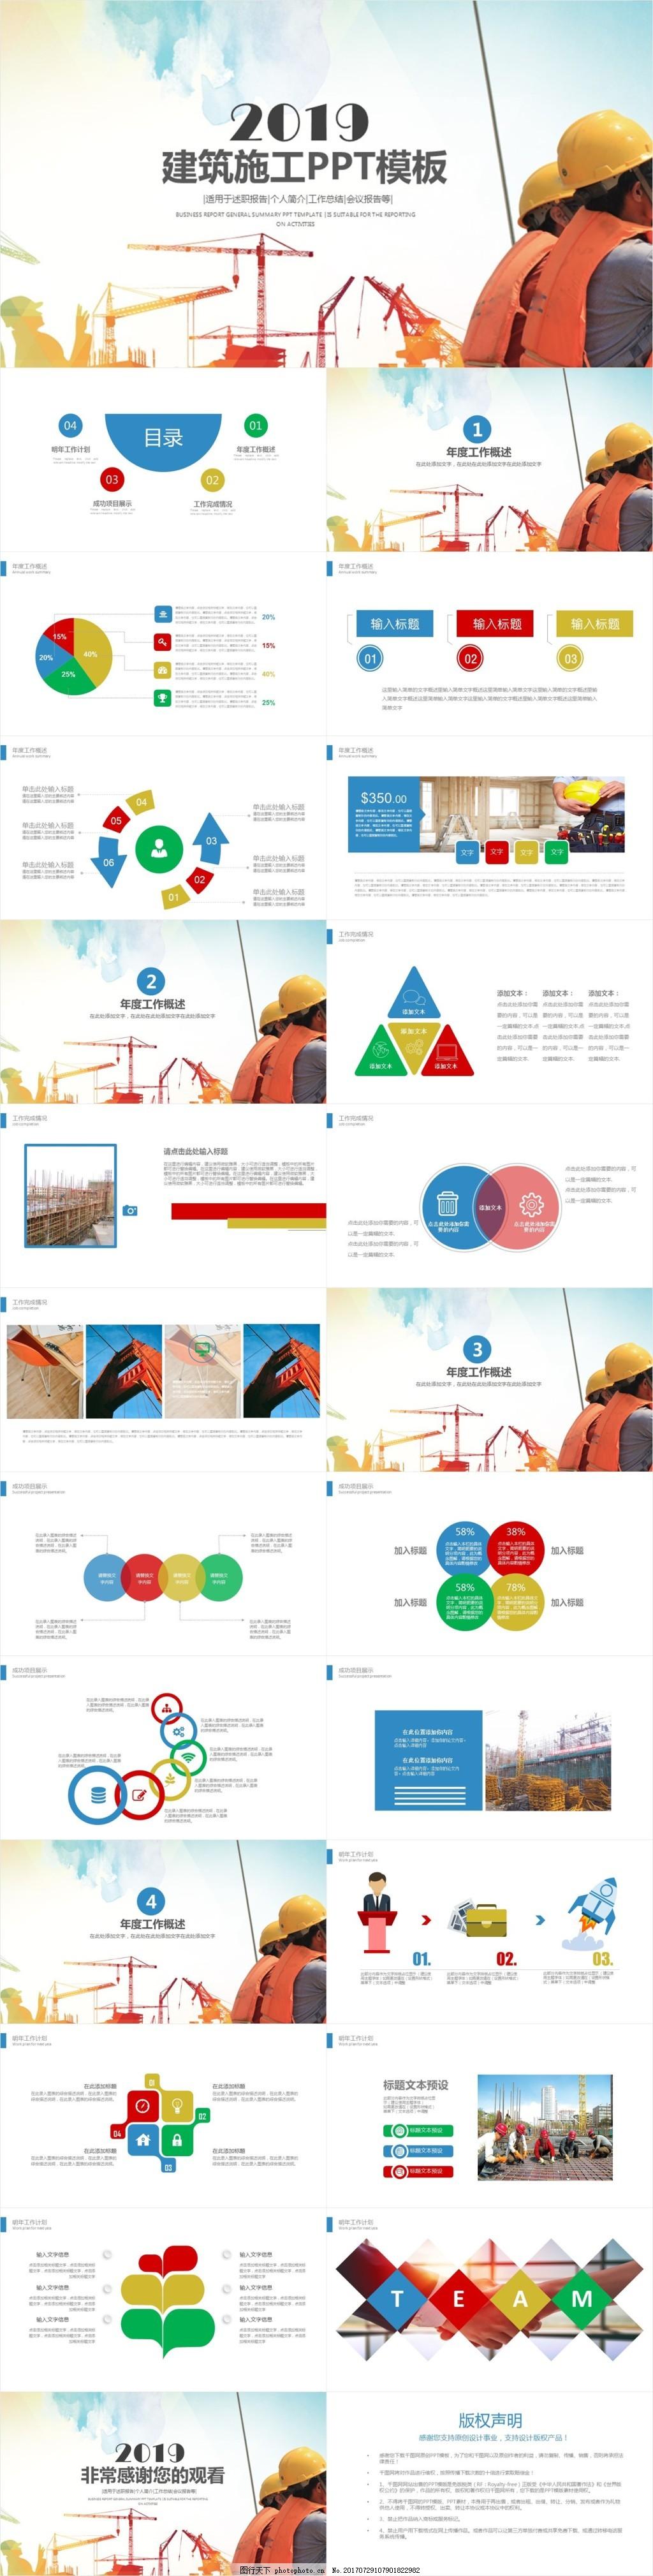 工规划建筑房地产工程施工PPT模板 中建建筑 项目 工地 城市建筑